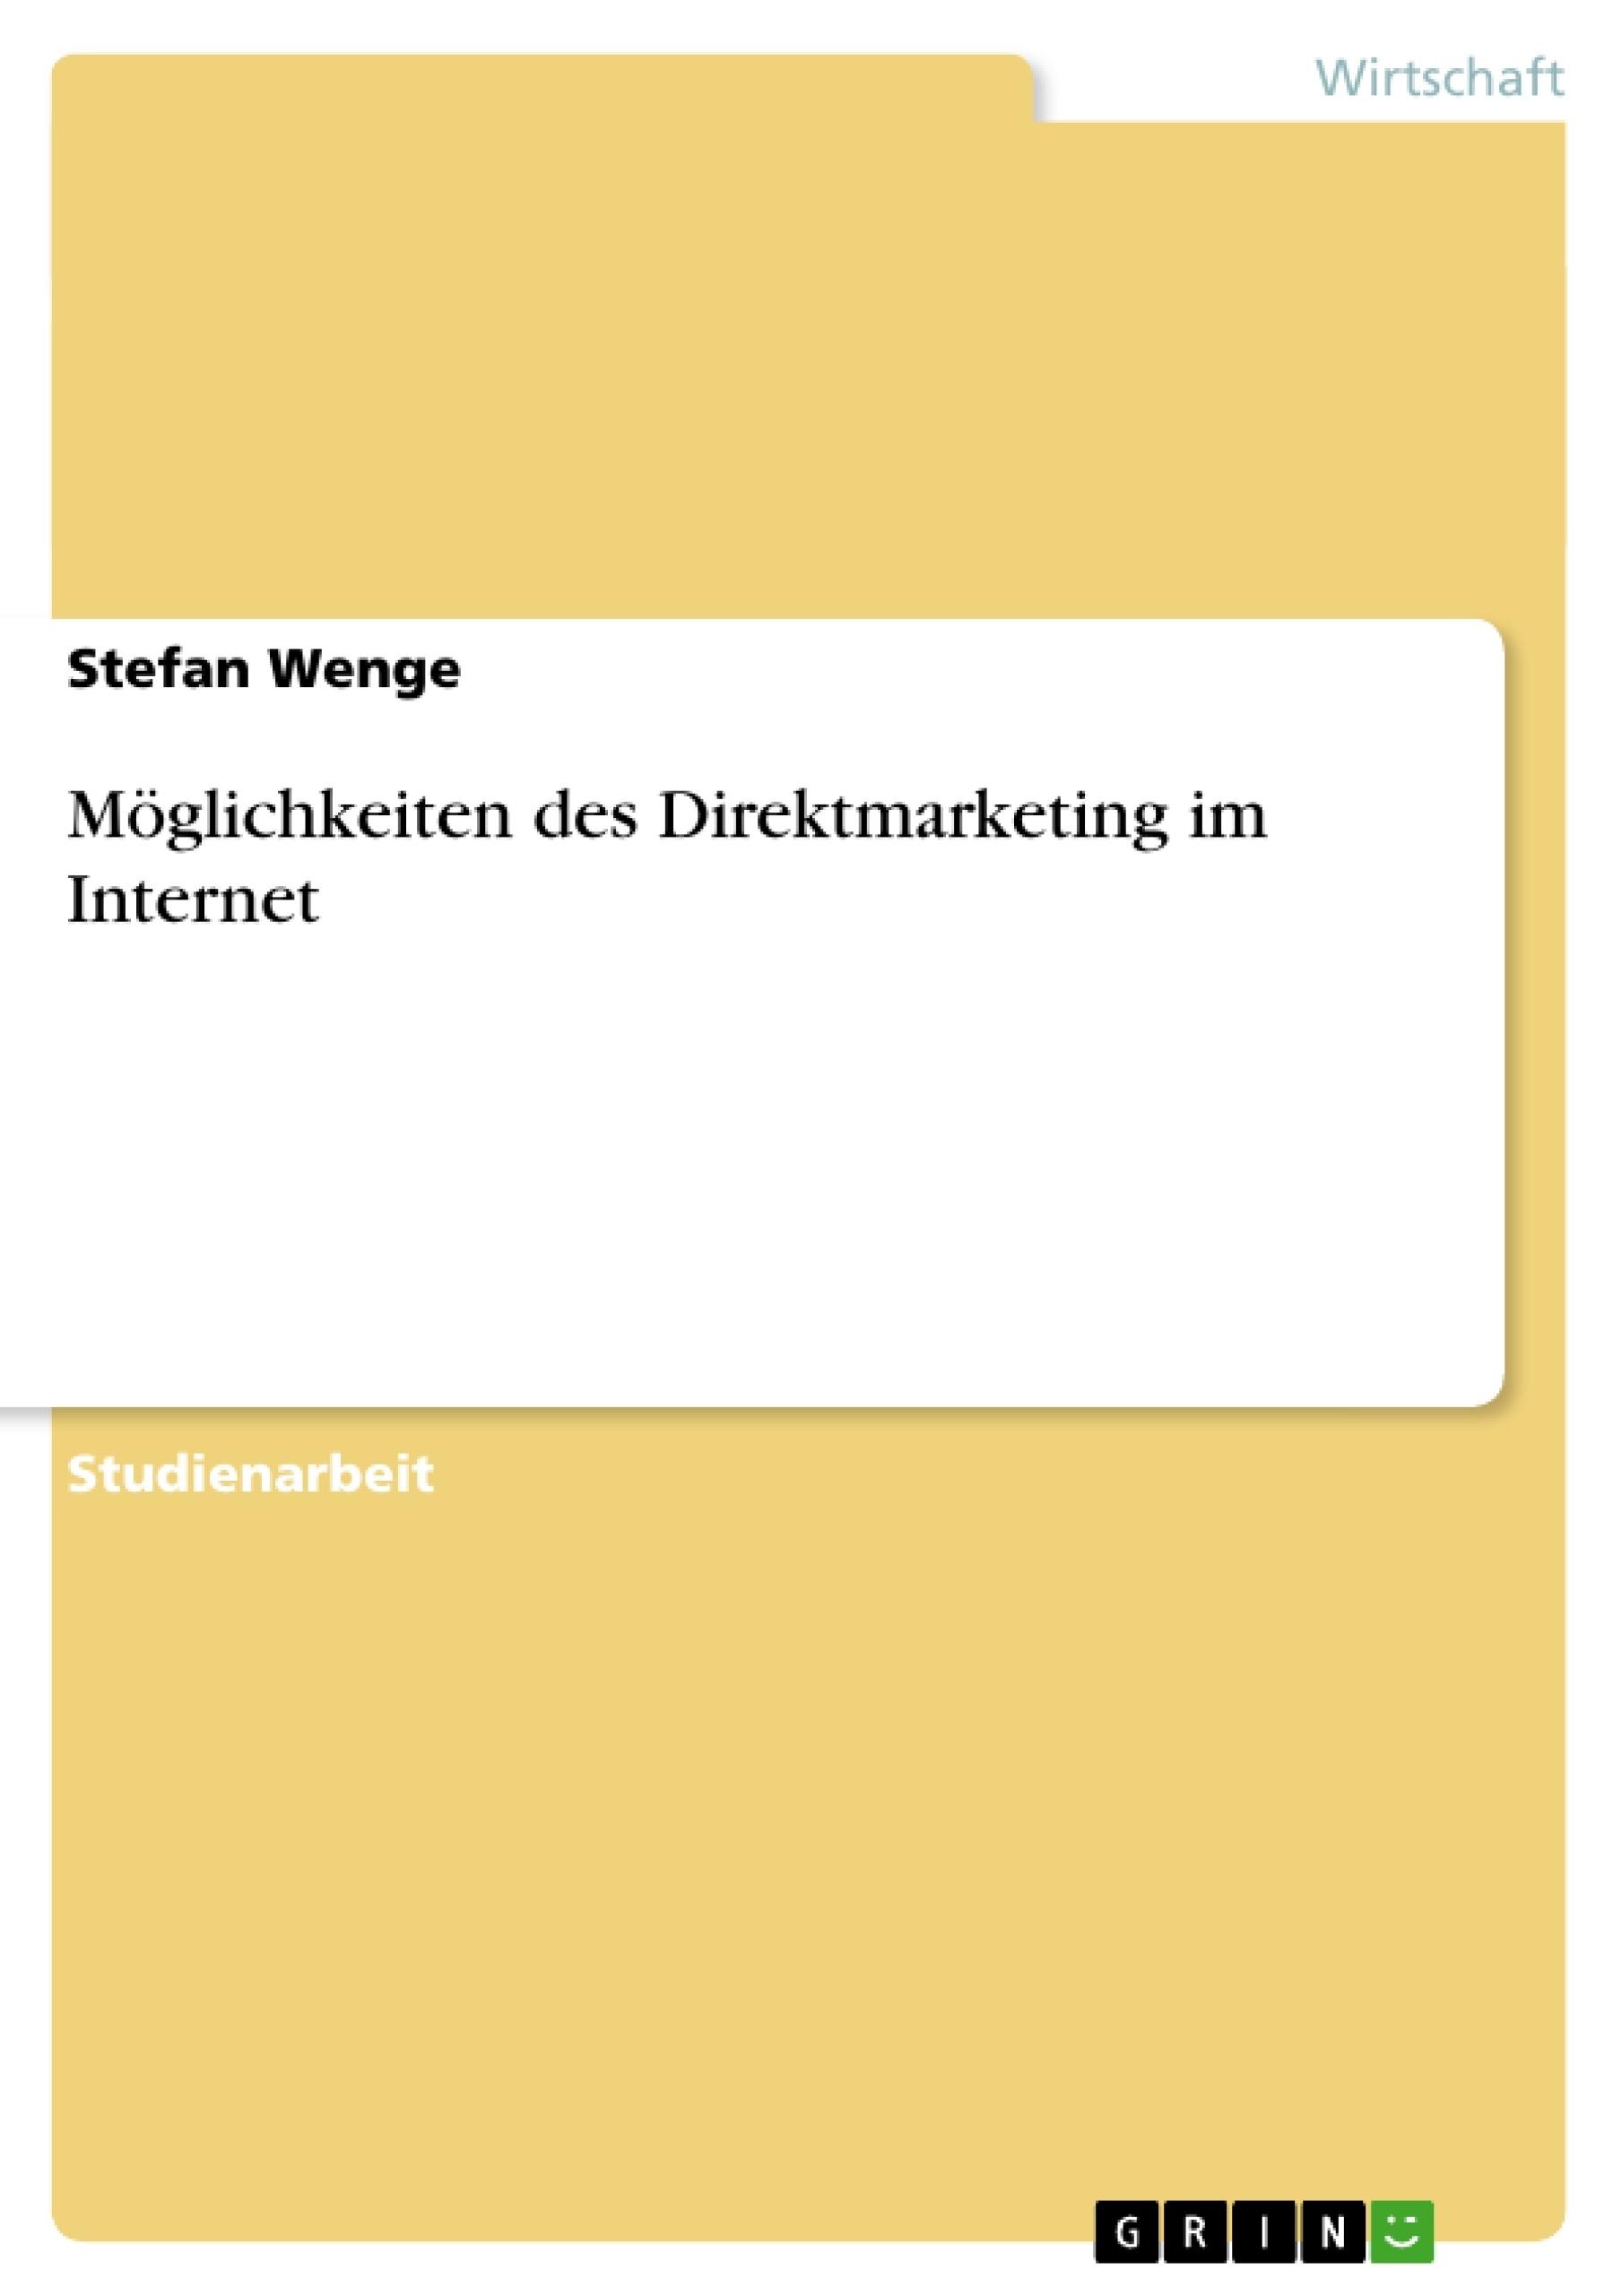 Titel: Möglichkeiten des Direktmarketing im Internet